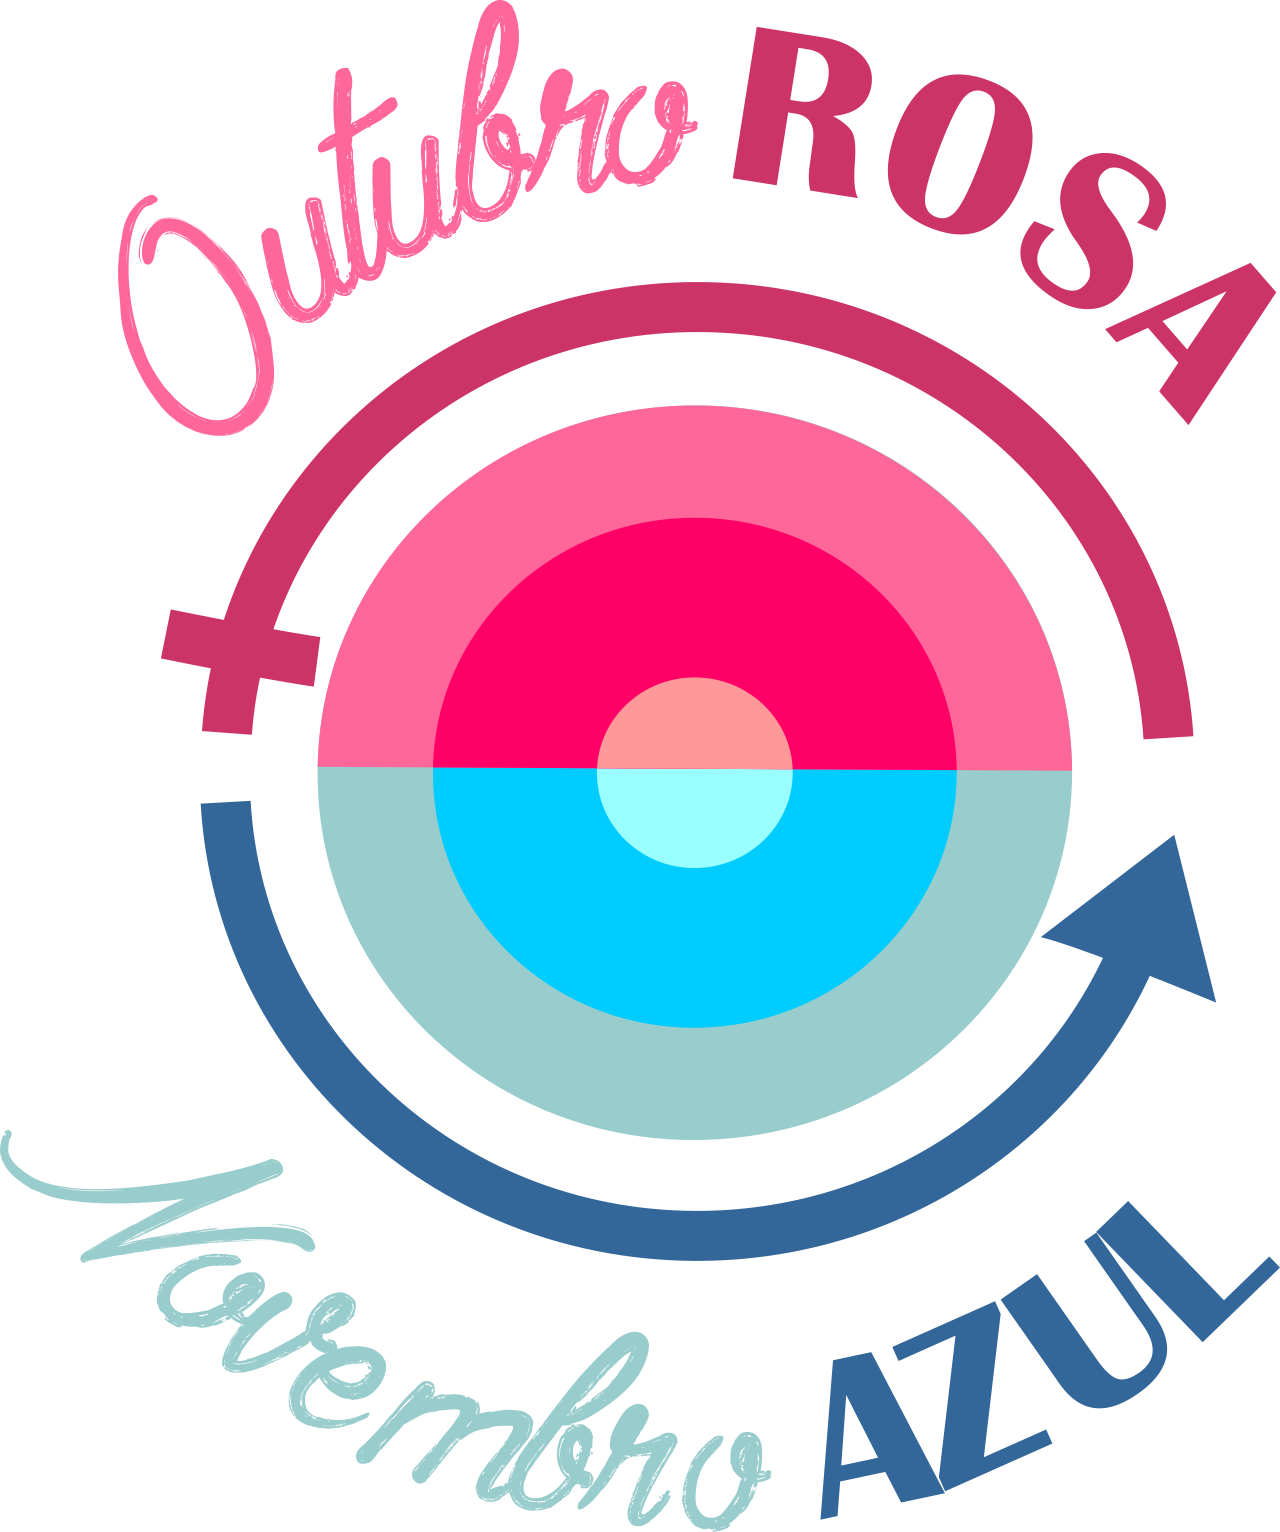 Resultado de imagem para fundo outubro rosa e novembro azul OUTUBRO ROSA E NOVEMBRO AZUL -> Decoração De Outubro Rosa E Novembro Azul